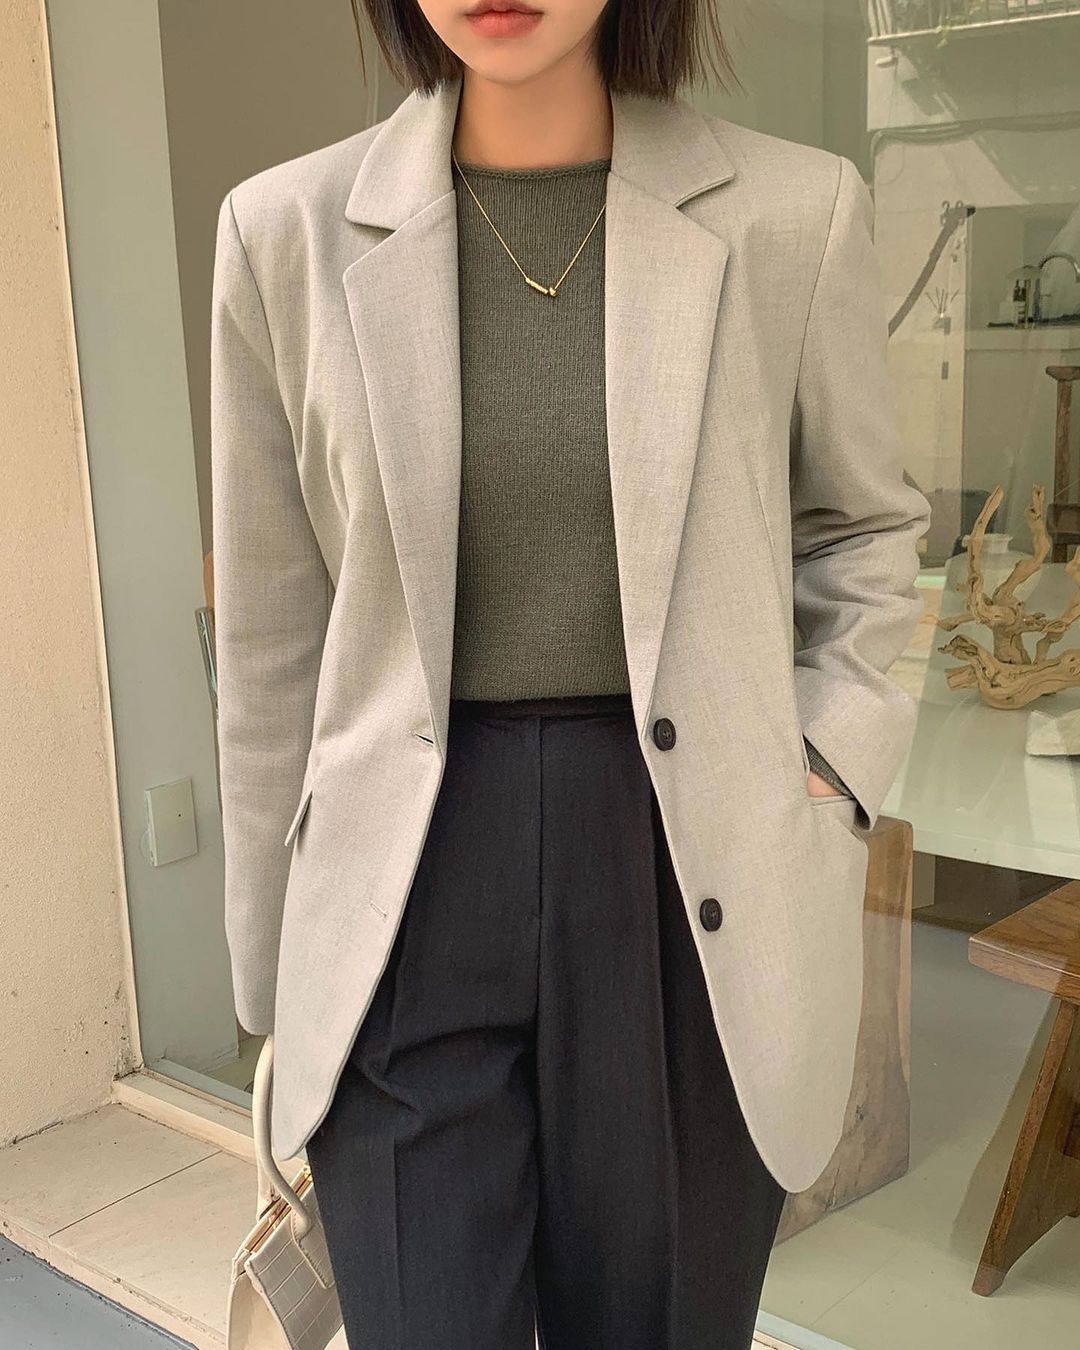 5 mẫu áo quá hợp để diện cùng blazer, bạn cần biết hết để không bao giờ thất bại trong chuyện mặc đẹp 5